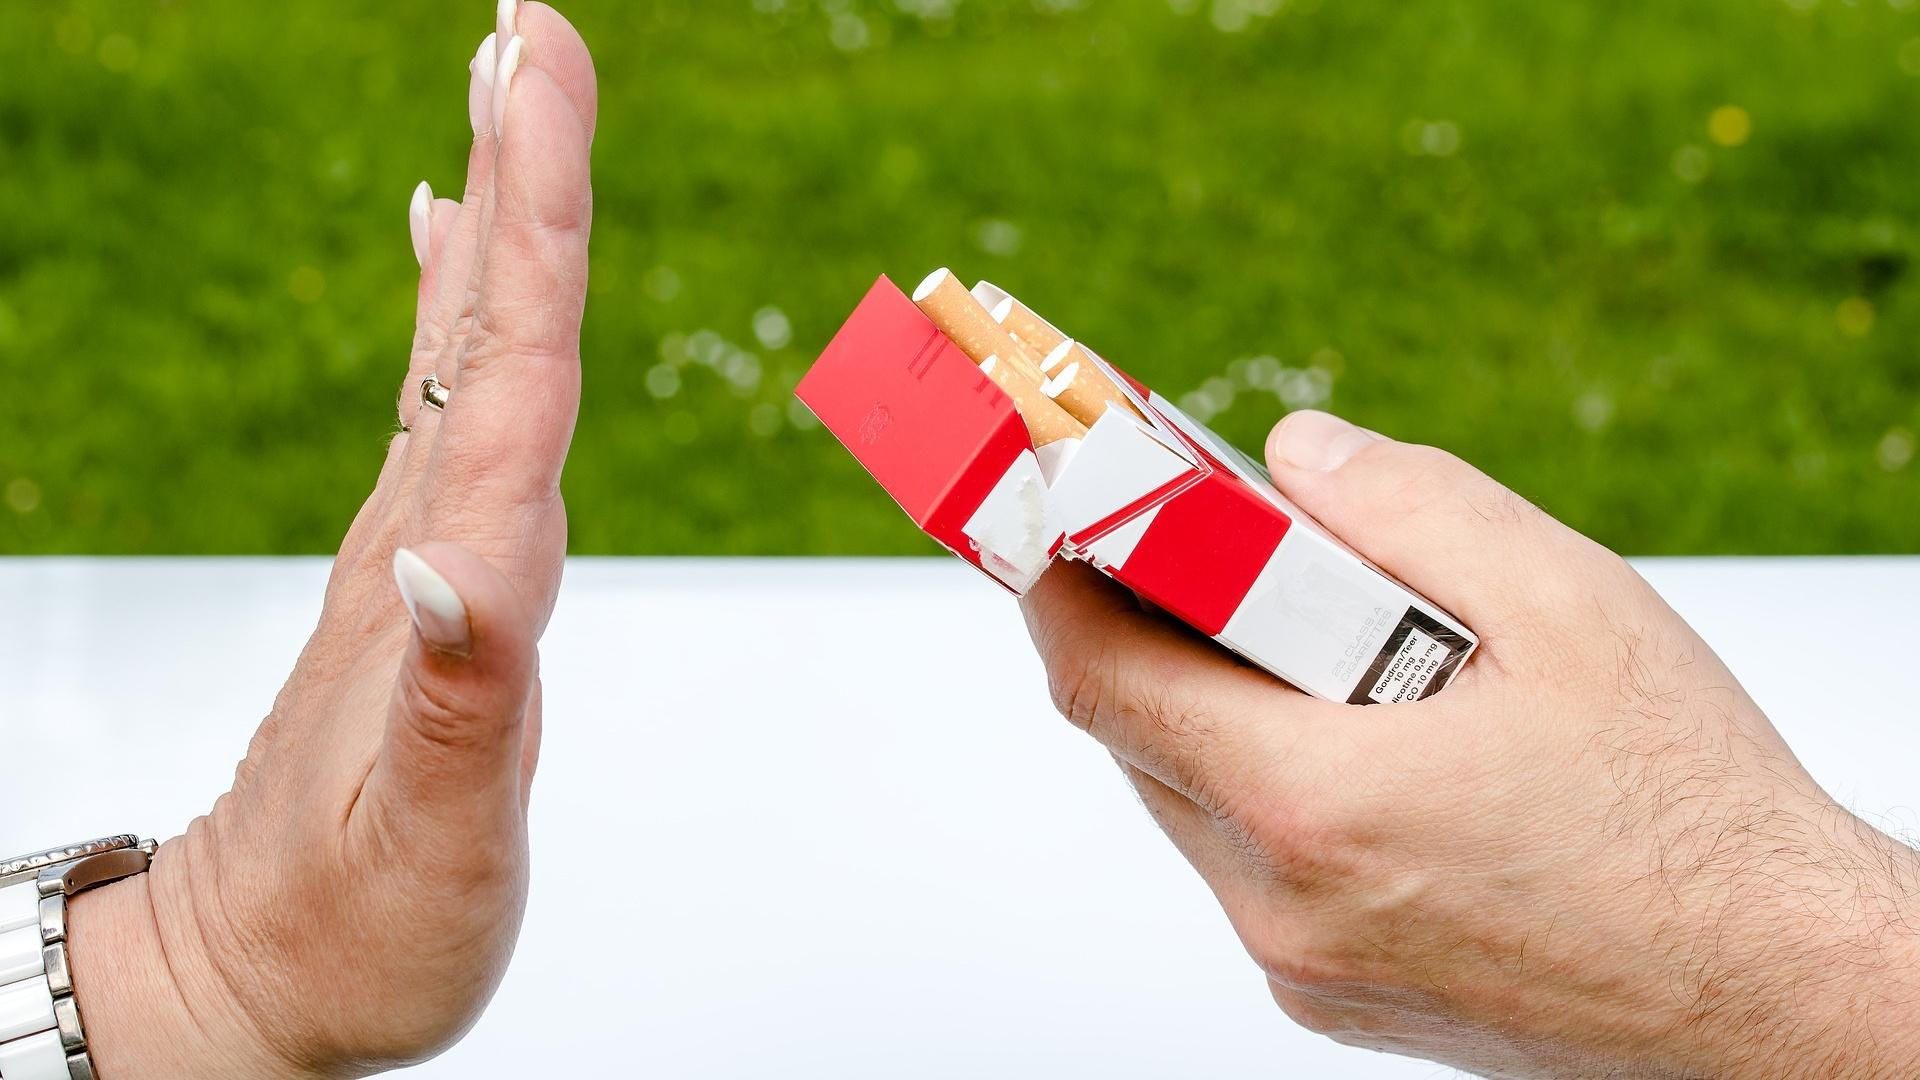 Bereits wenige Stunden nachdem Sie mit dem Rauchen aufgehört haben, treten die ersten Körperveränderungen ein.